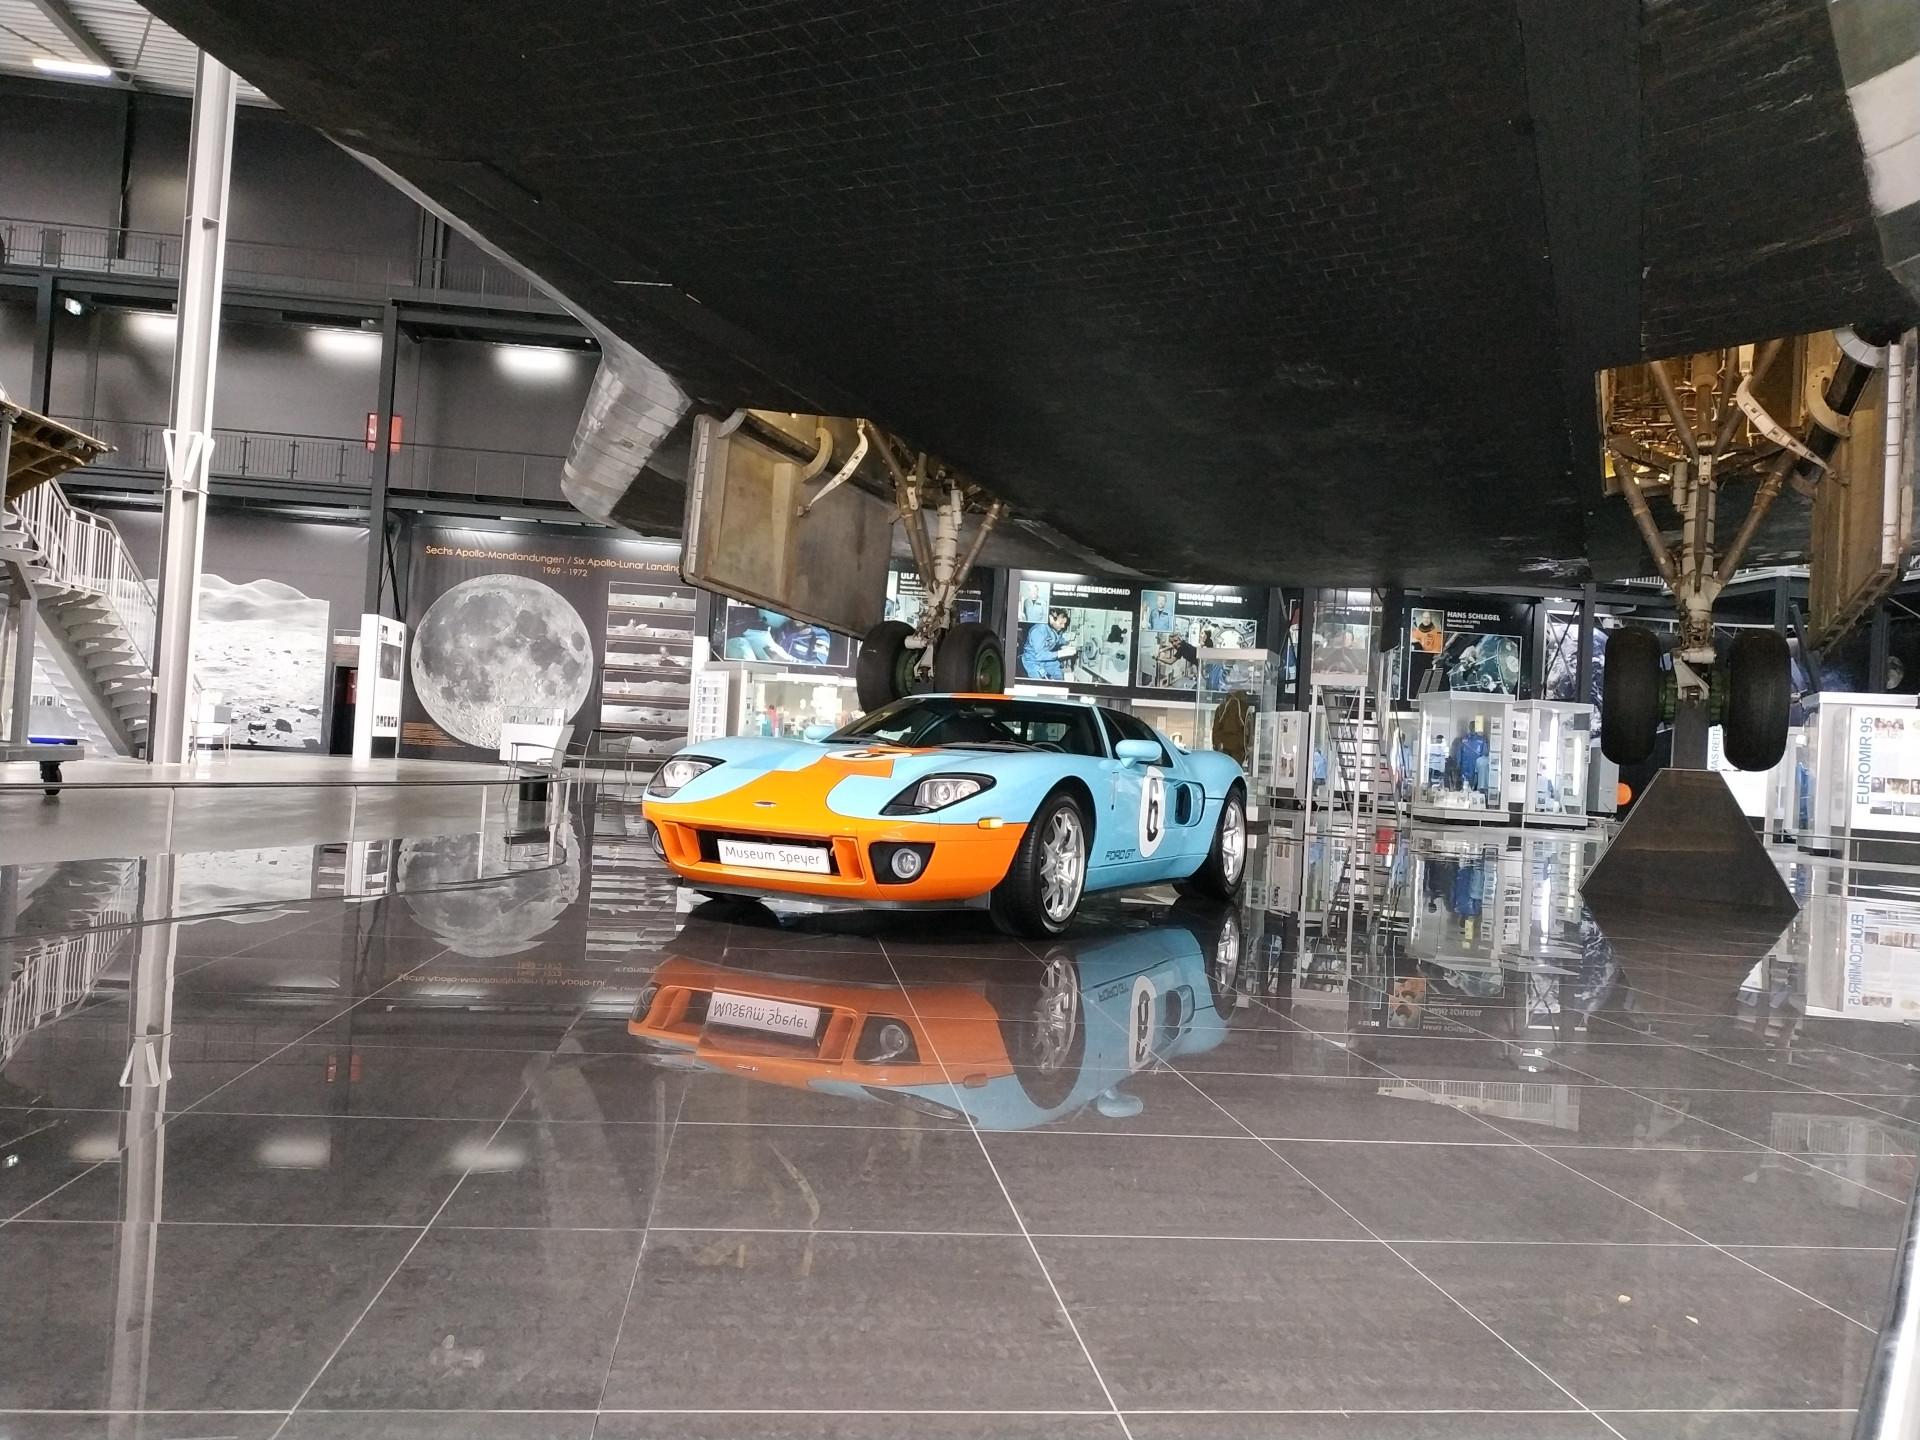 Ein Sportwagen unter der Buran-Raumfähre im Technikmuseum Speyer